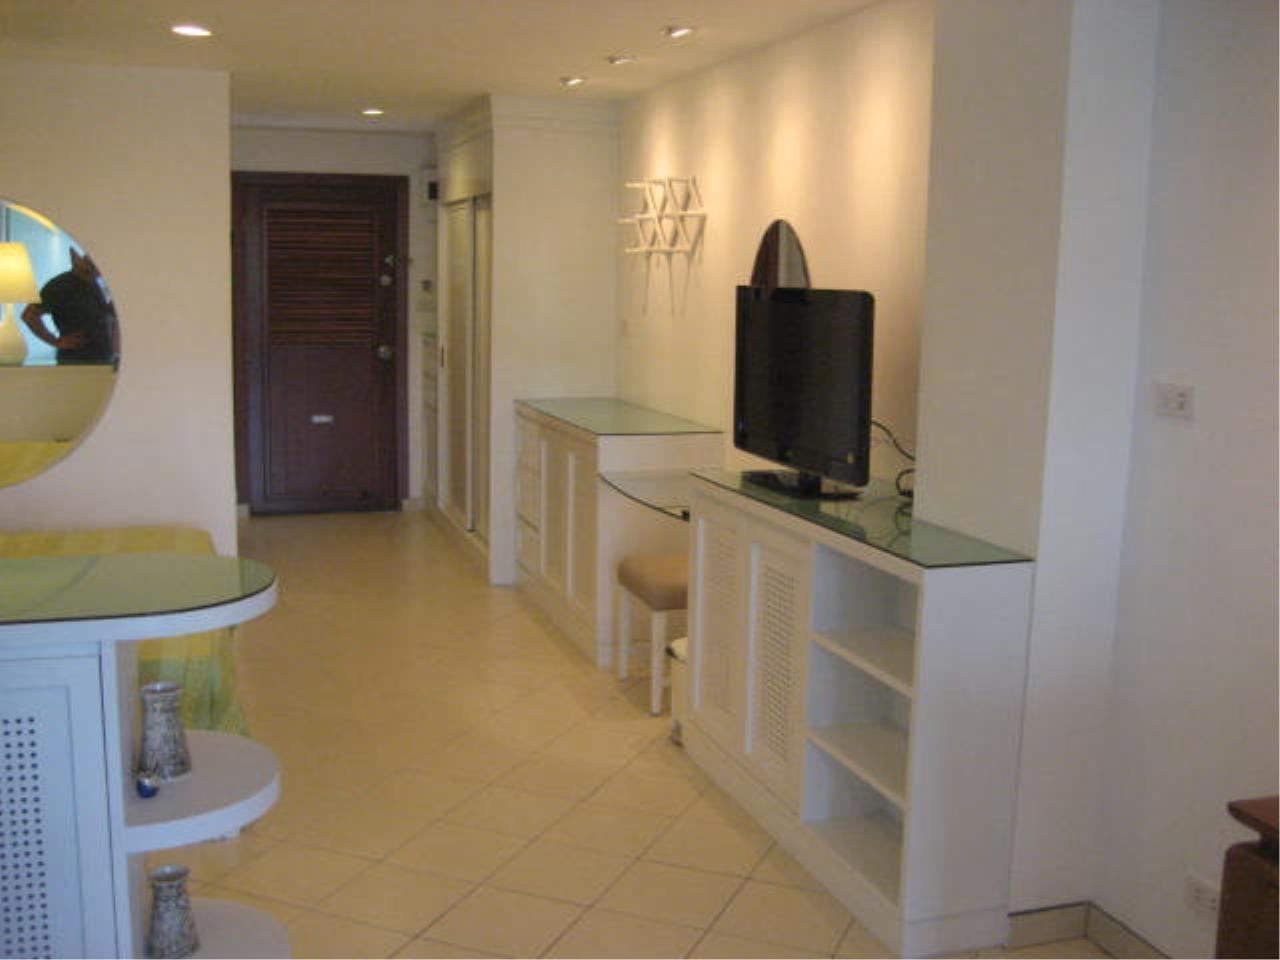 REAL Phuket  Agency's Phuket Palace - Investment Opportunity - 8% ROI 23